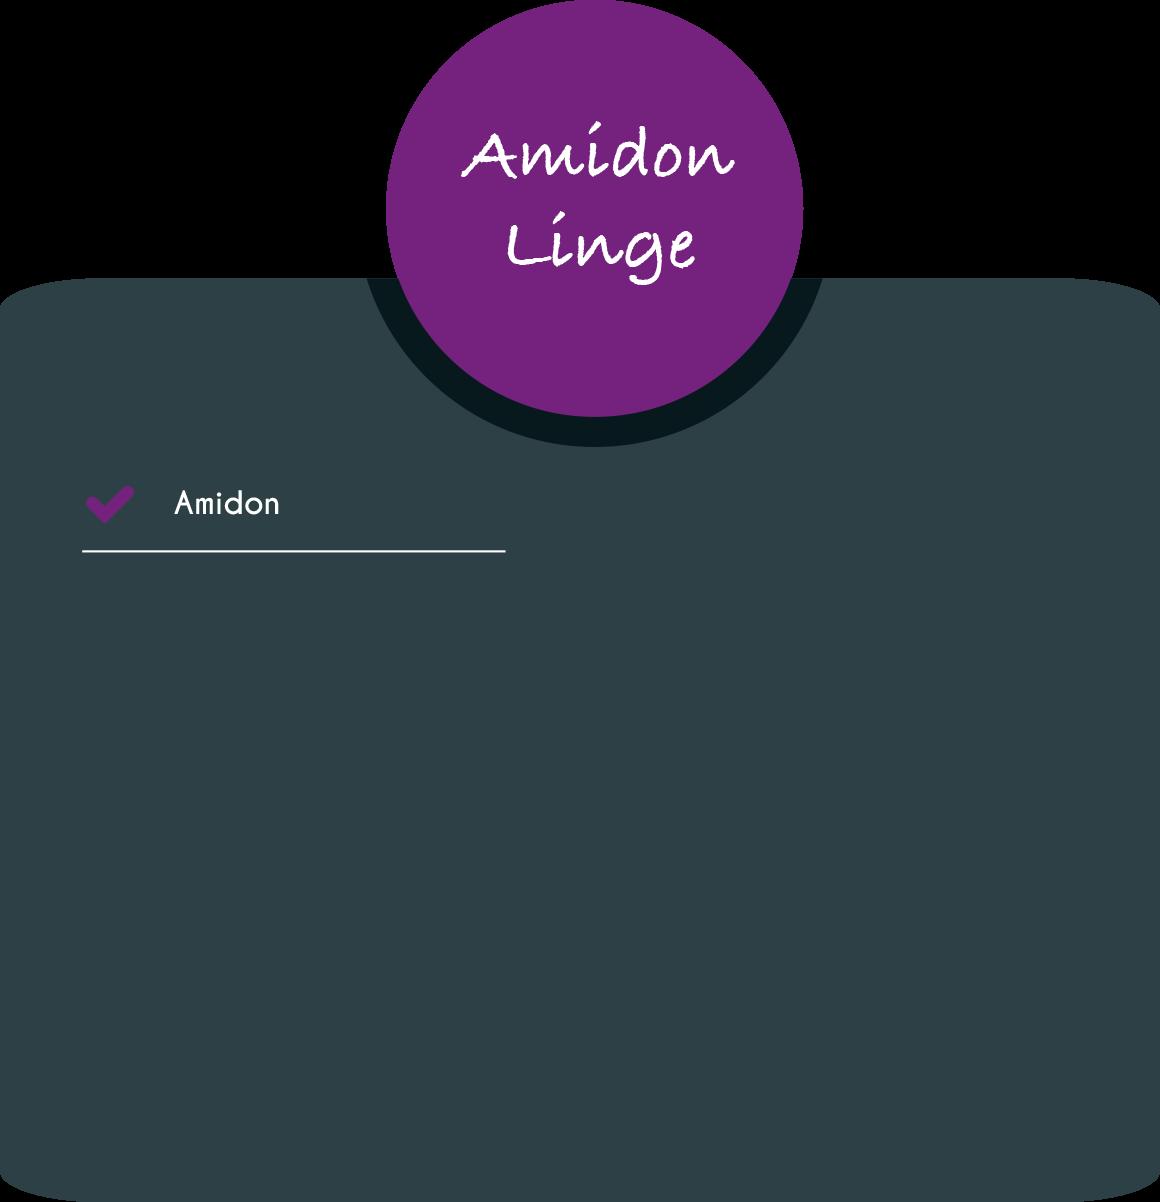 Amidon linge